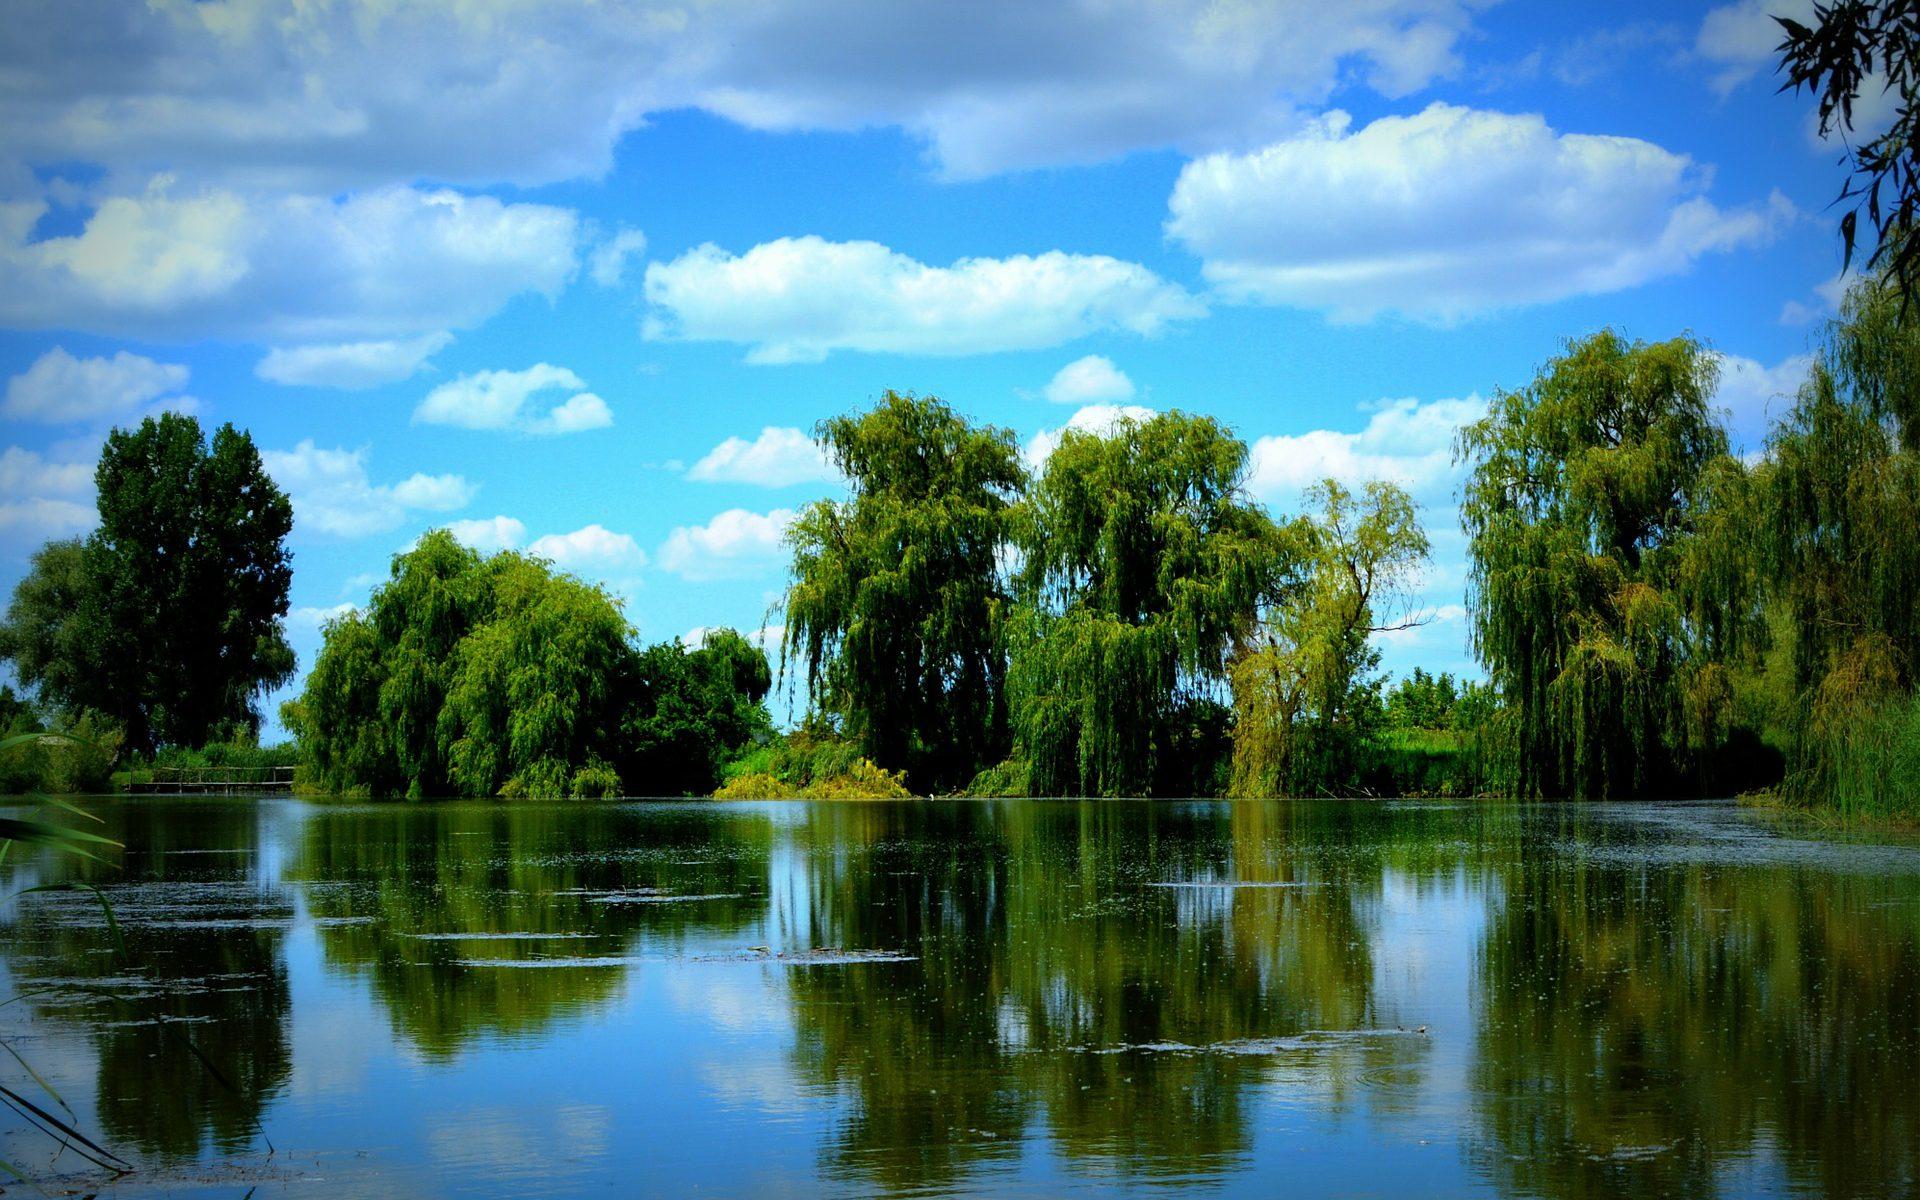 Blick auf den See mit Bäumen im Hintergrund